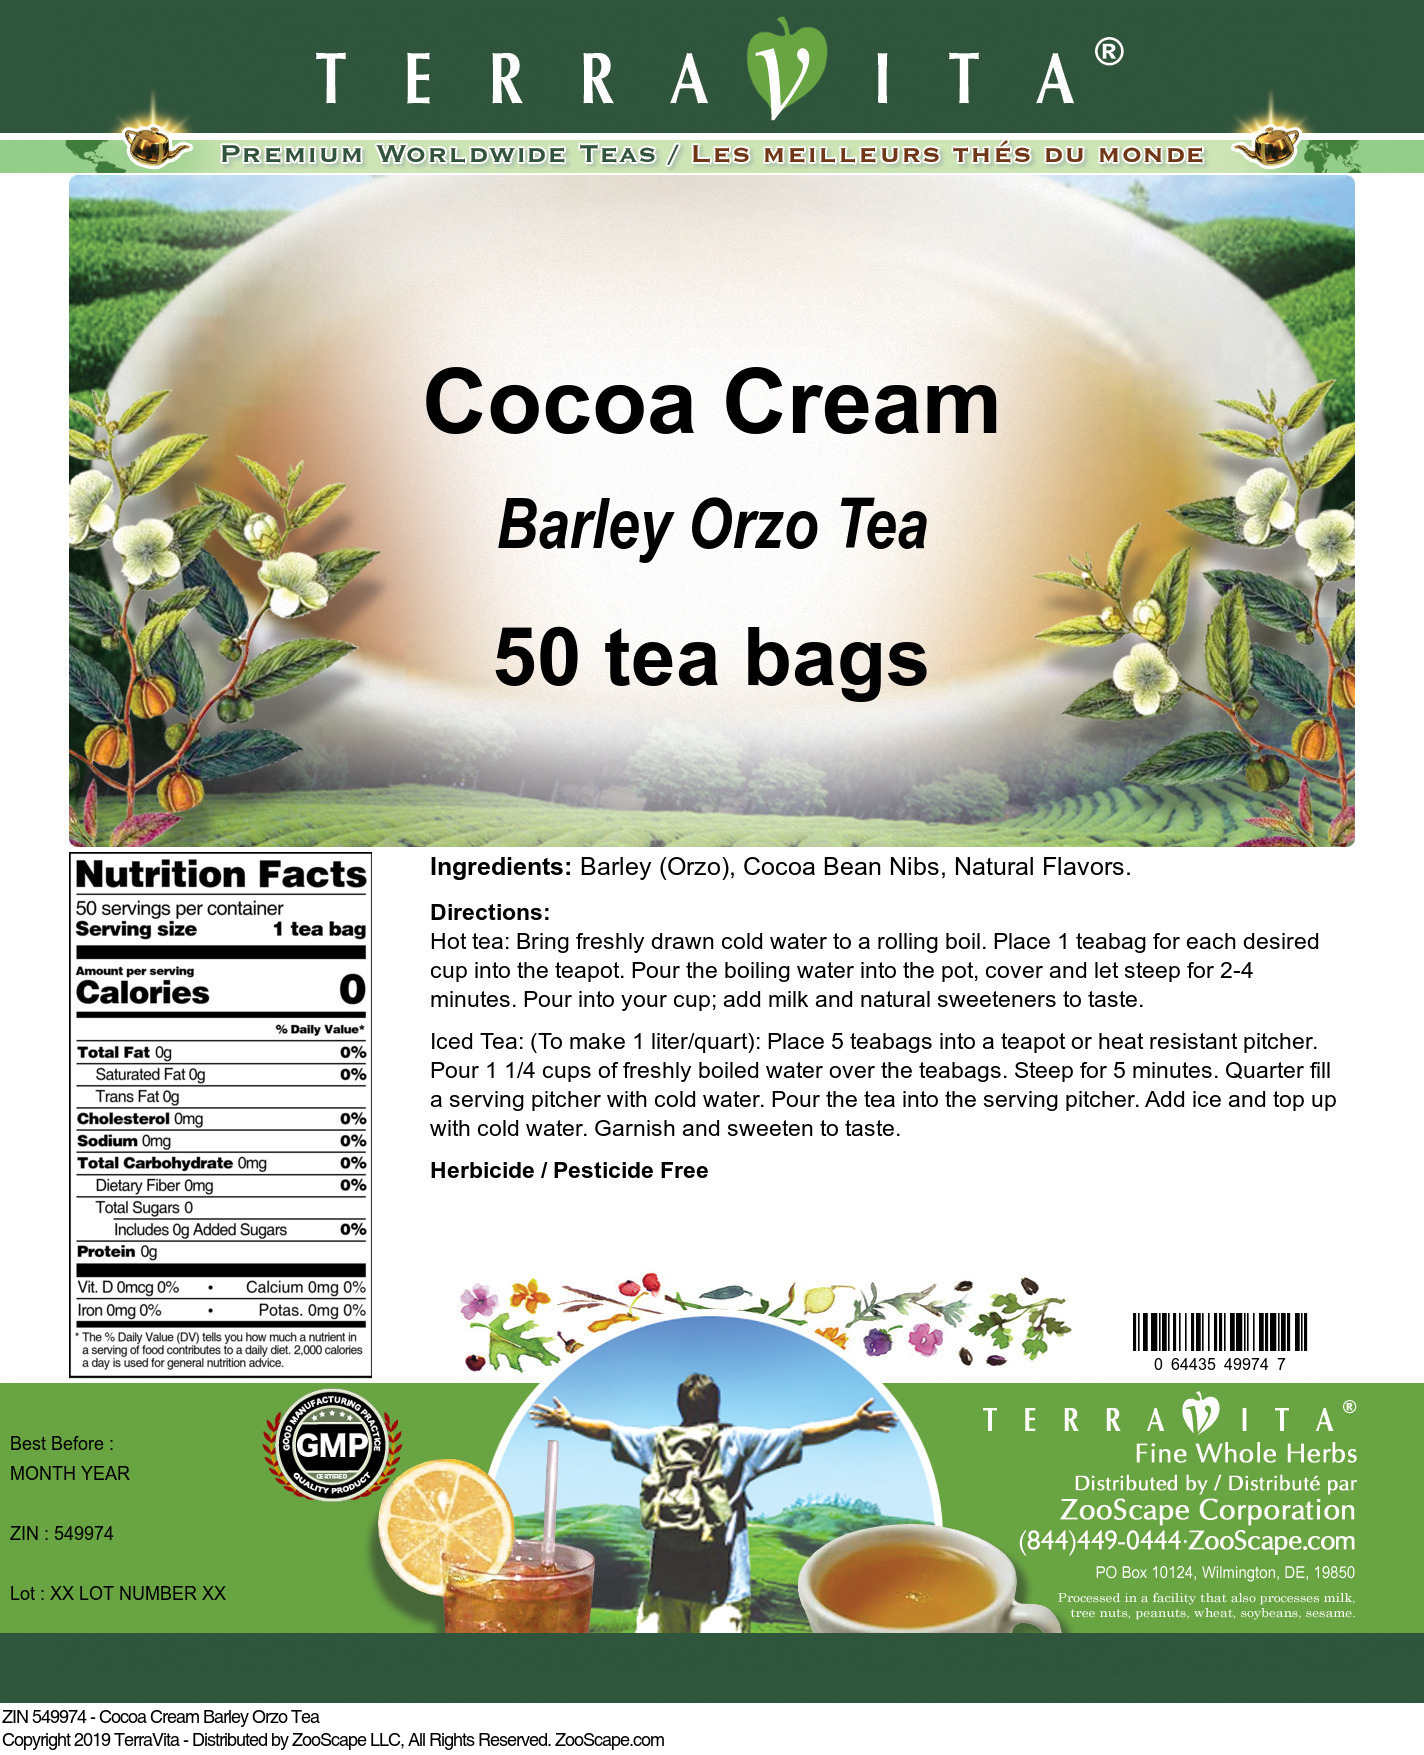 Cocoa Cream Barley Orzo Tea